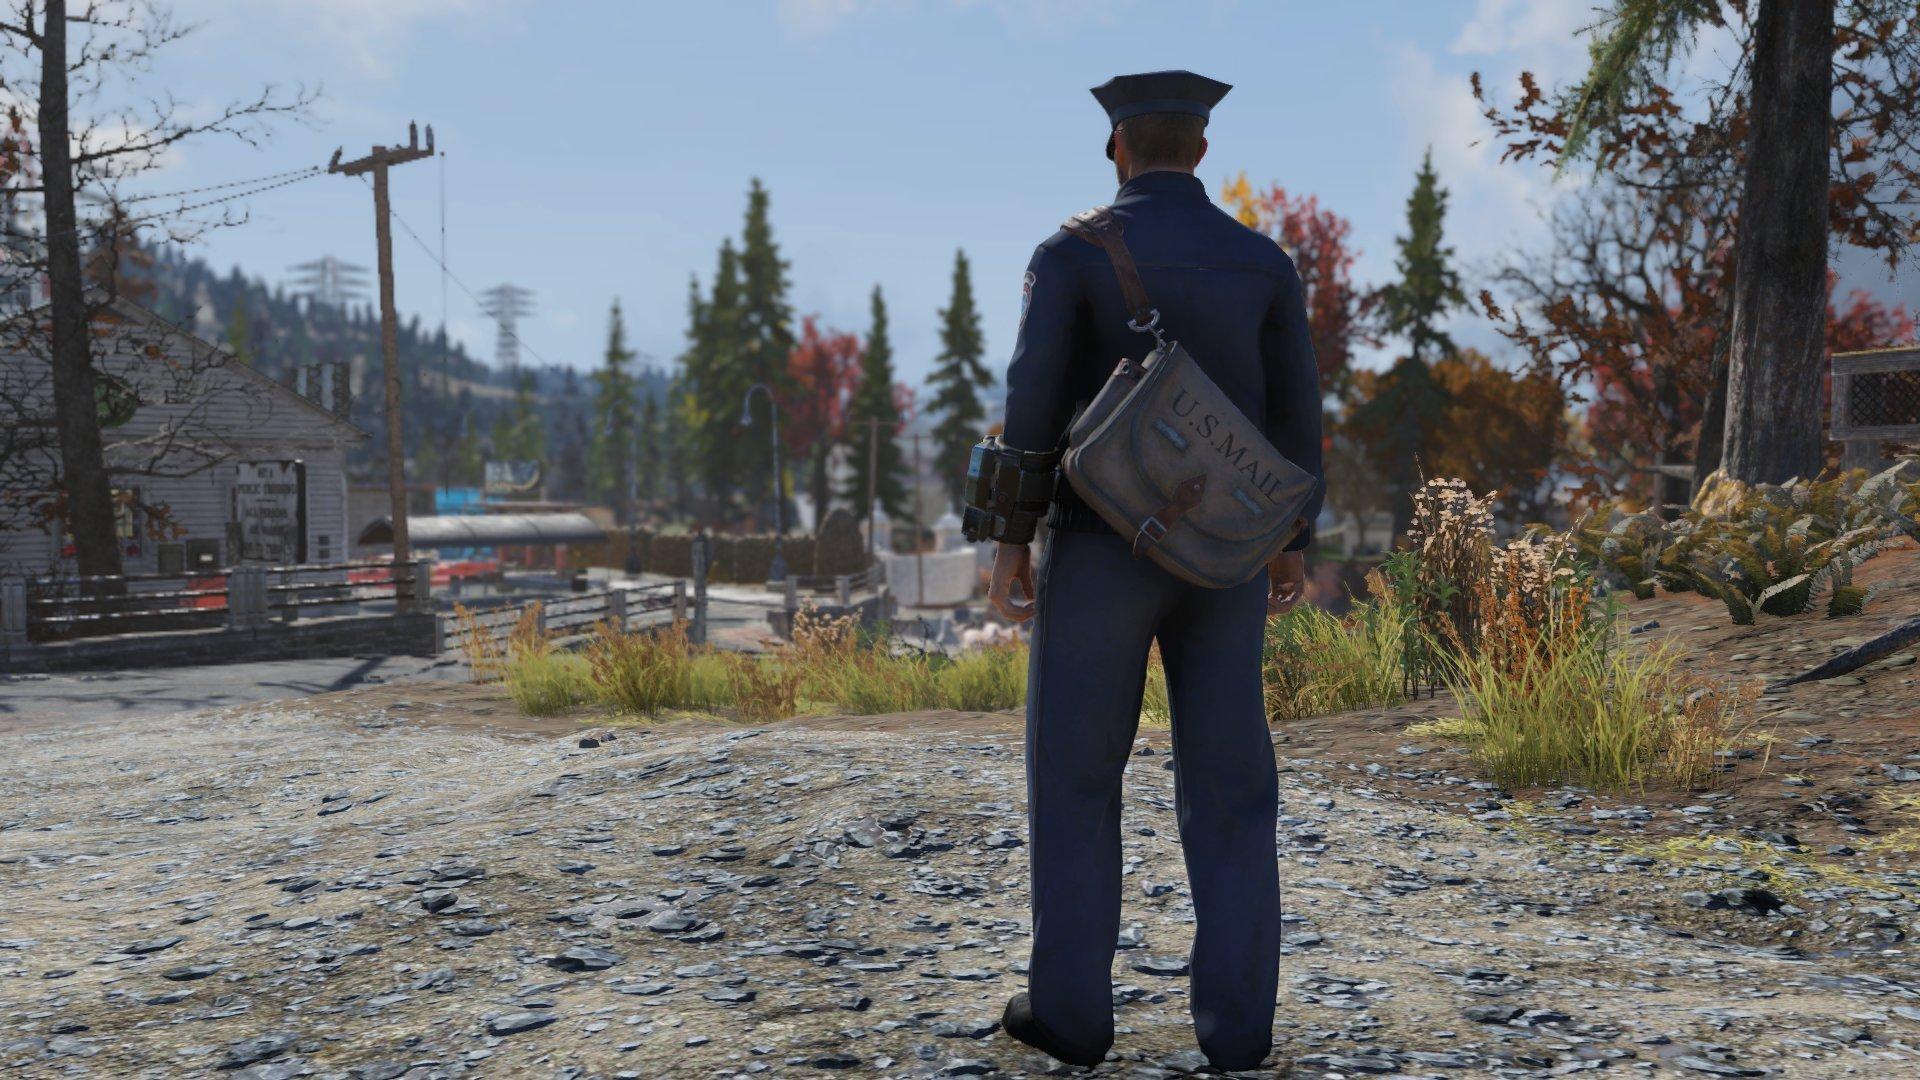 Fallout 76 MMOscar 2018 oscar trash 2018 mmo.it peggiori MMO